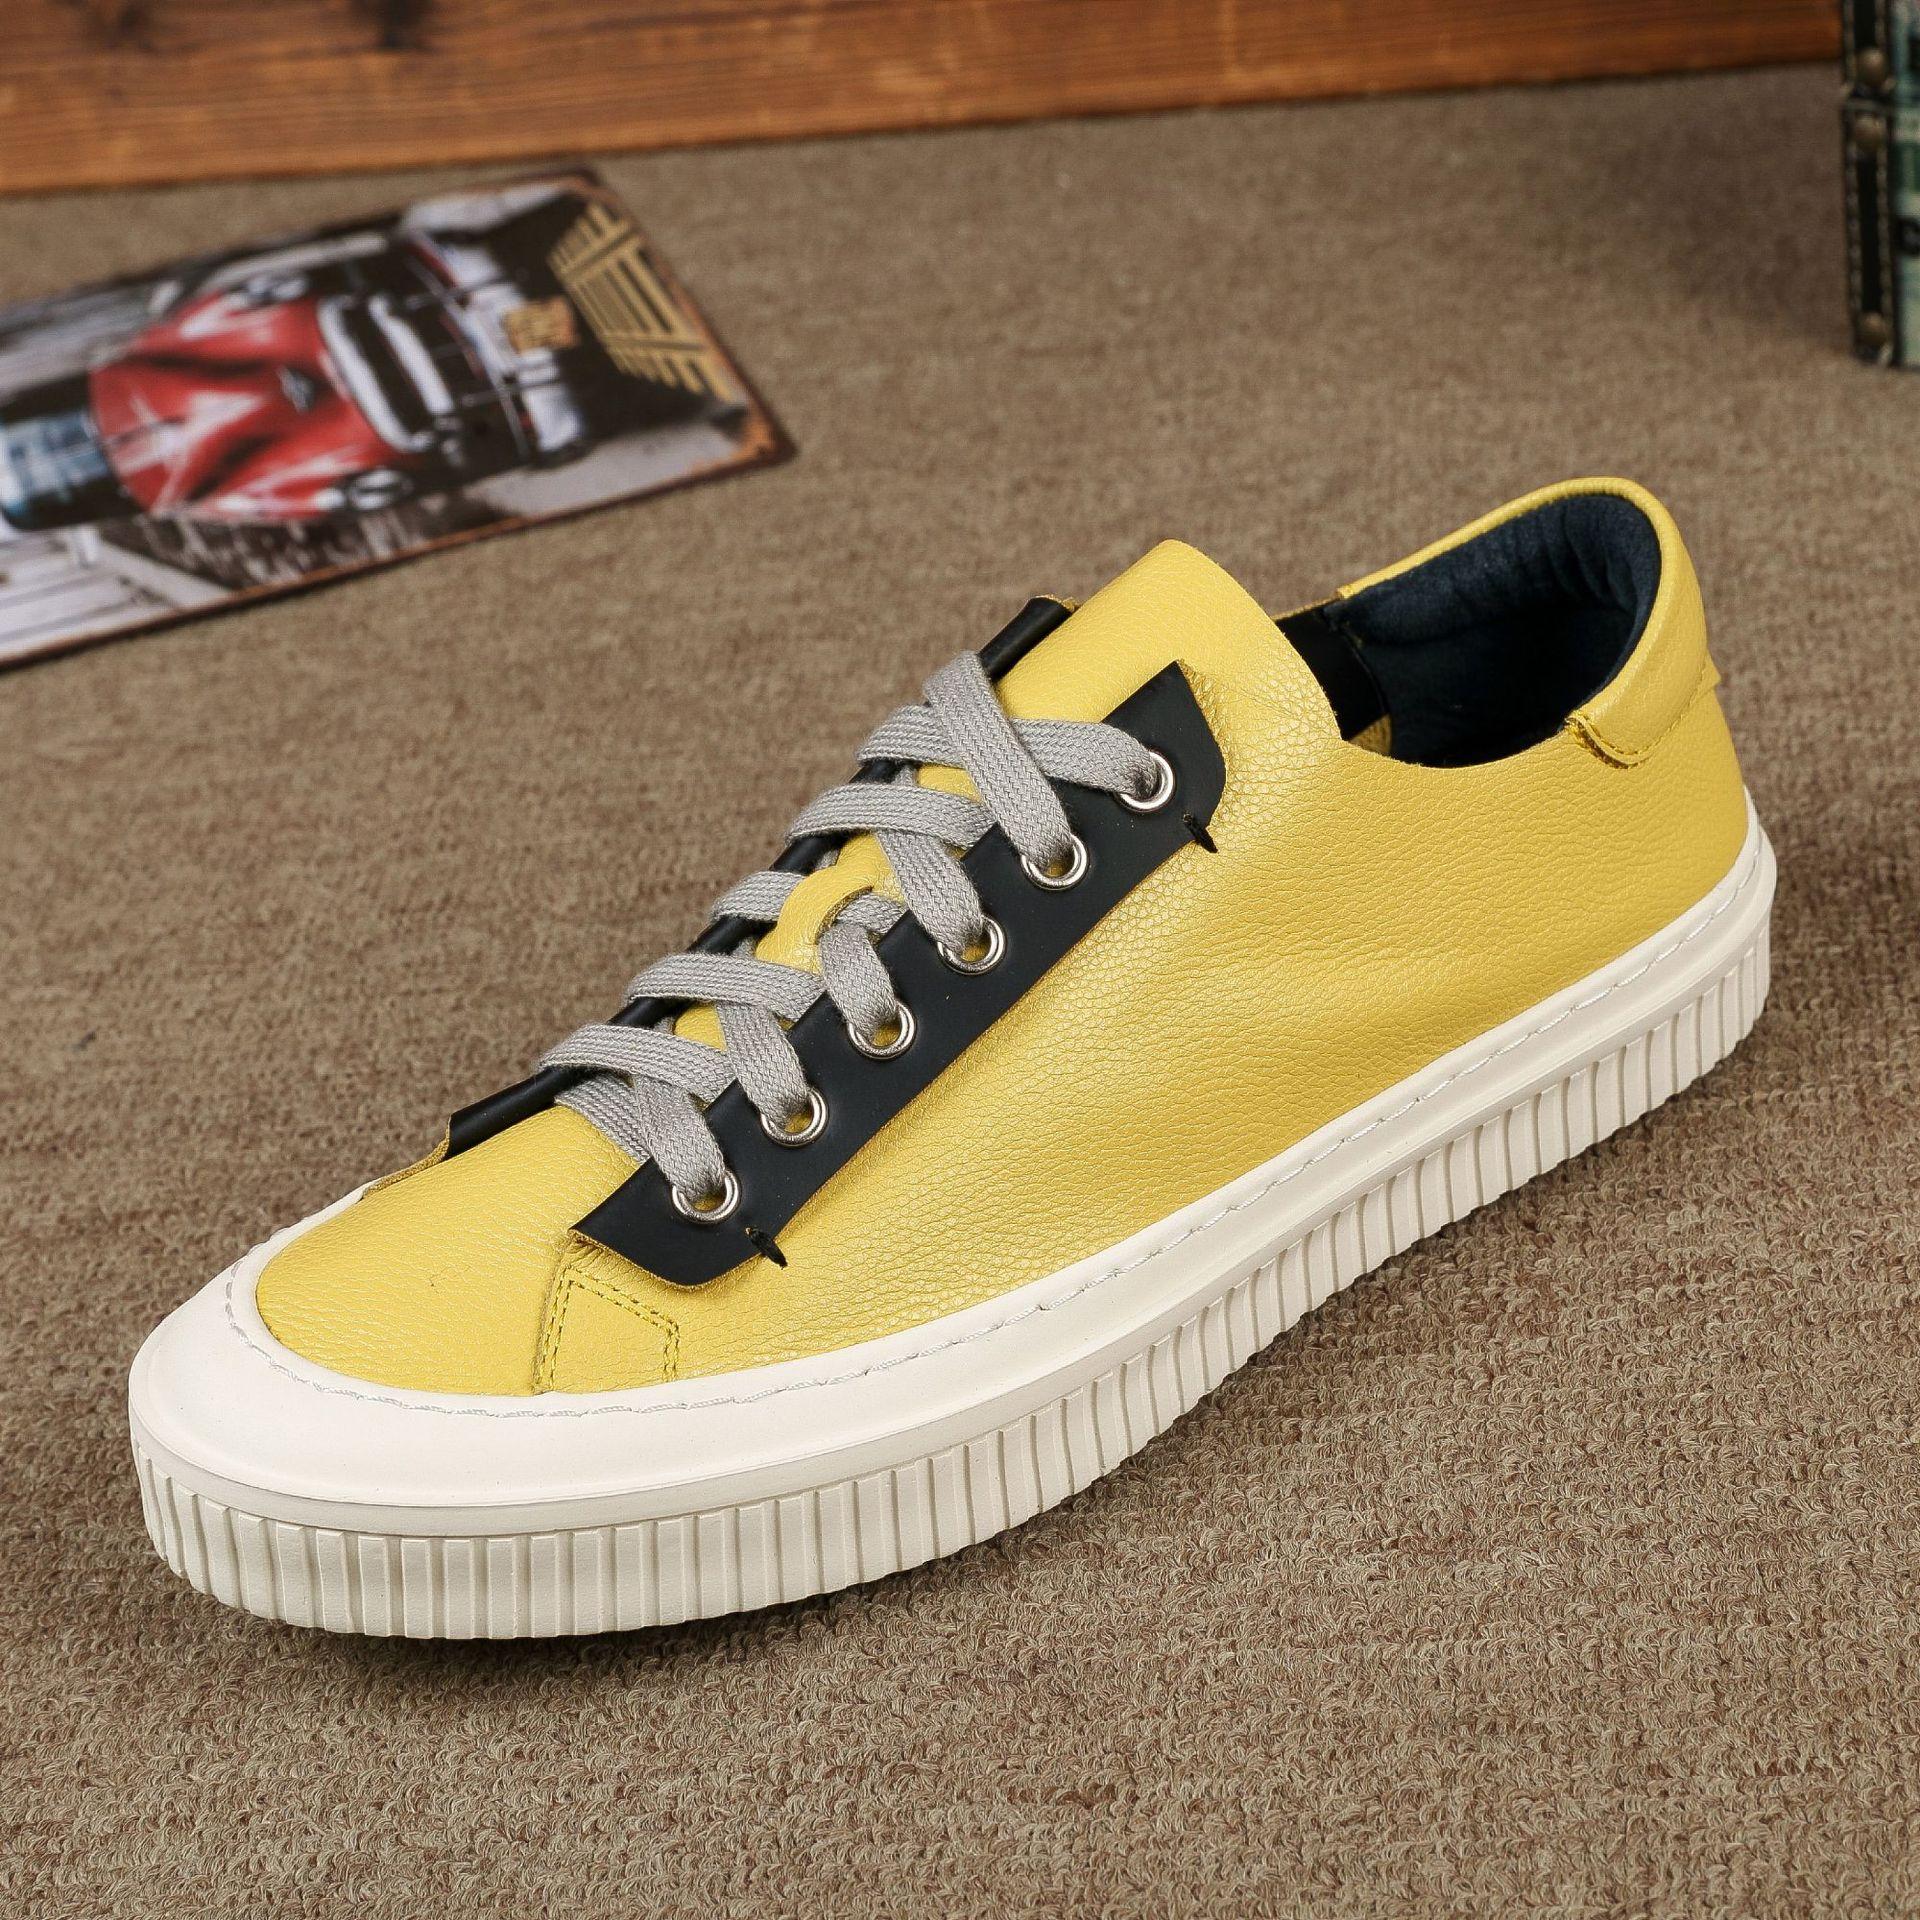 Véritable Occasionnels Printemps Noir Respirant Chaussures Cuir Vache jaune allumette 2018 Hommes Nouveau Sneaker Mode Loisirs Tout blanc De UwwIx0